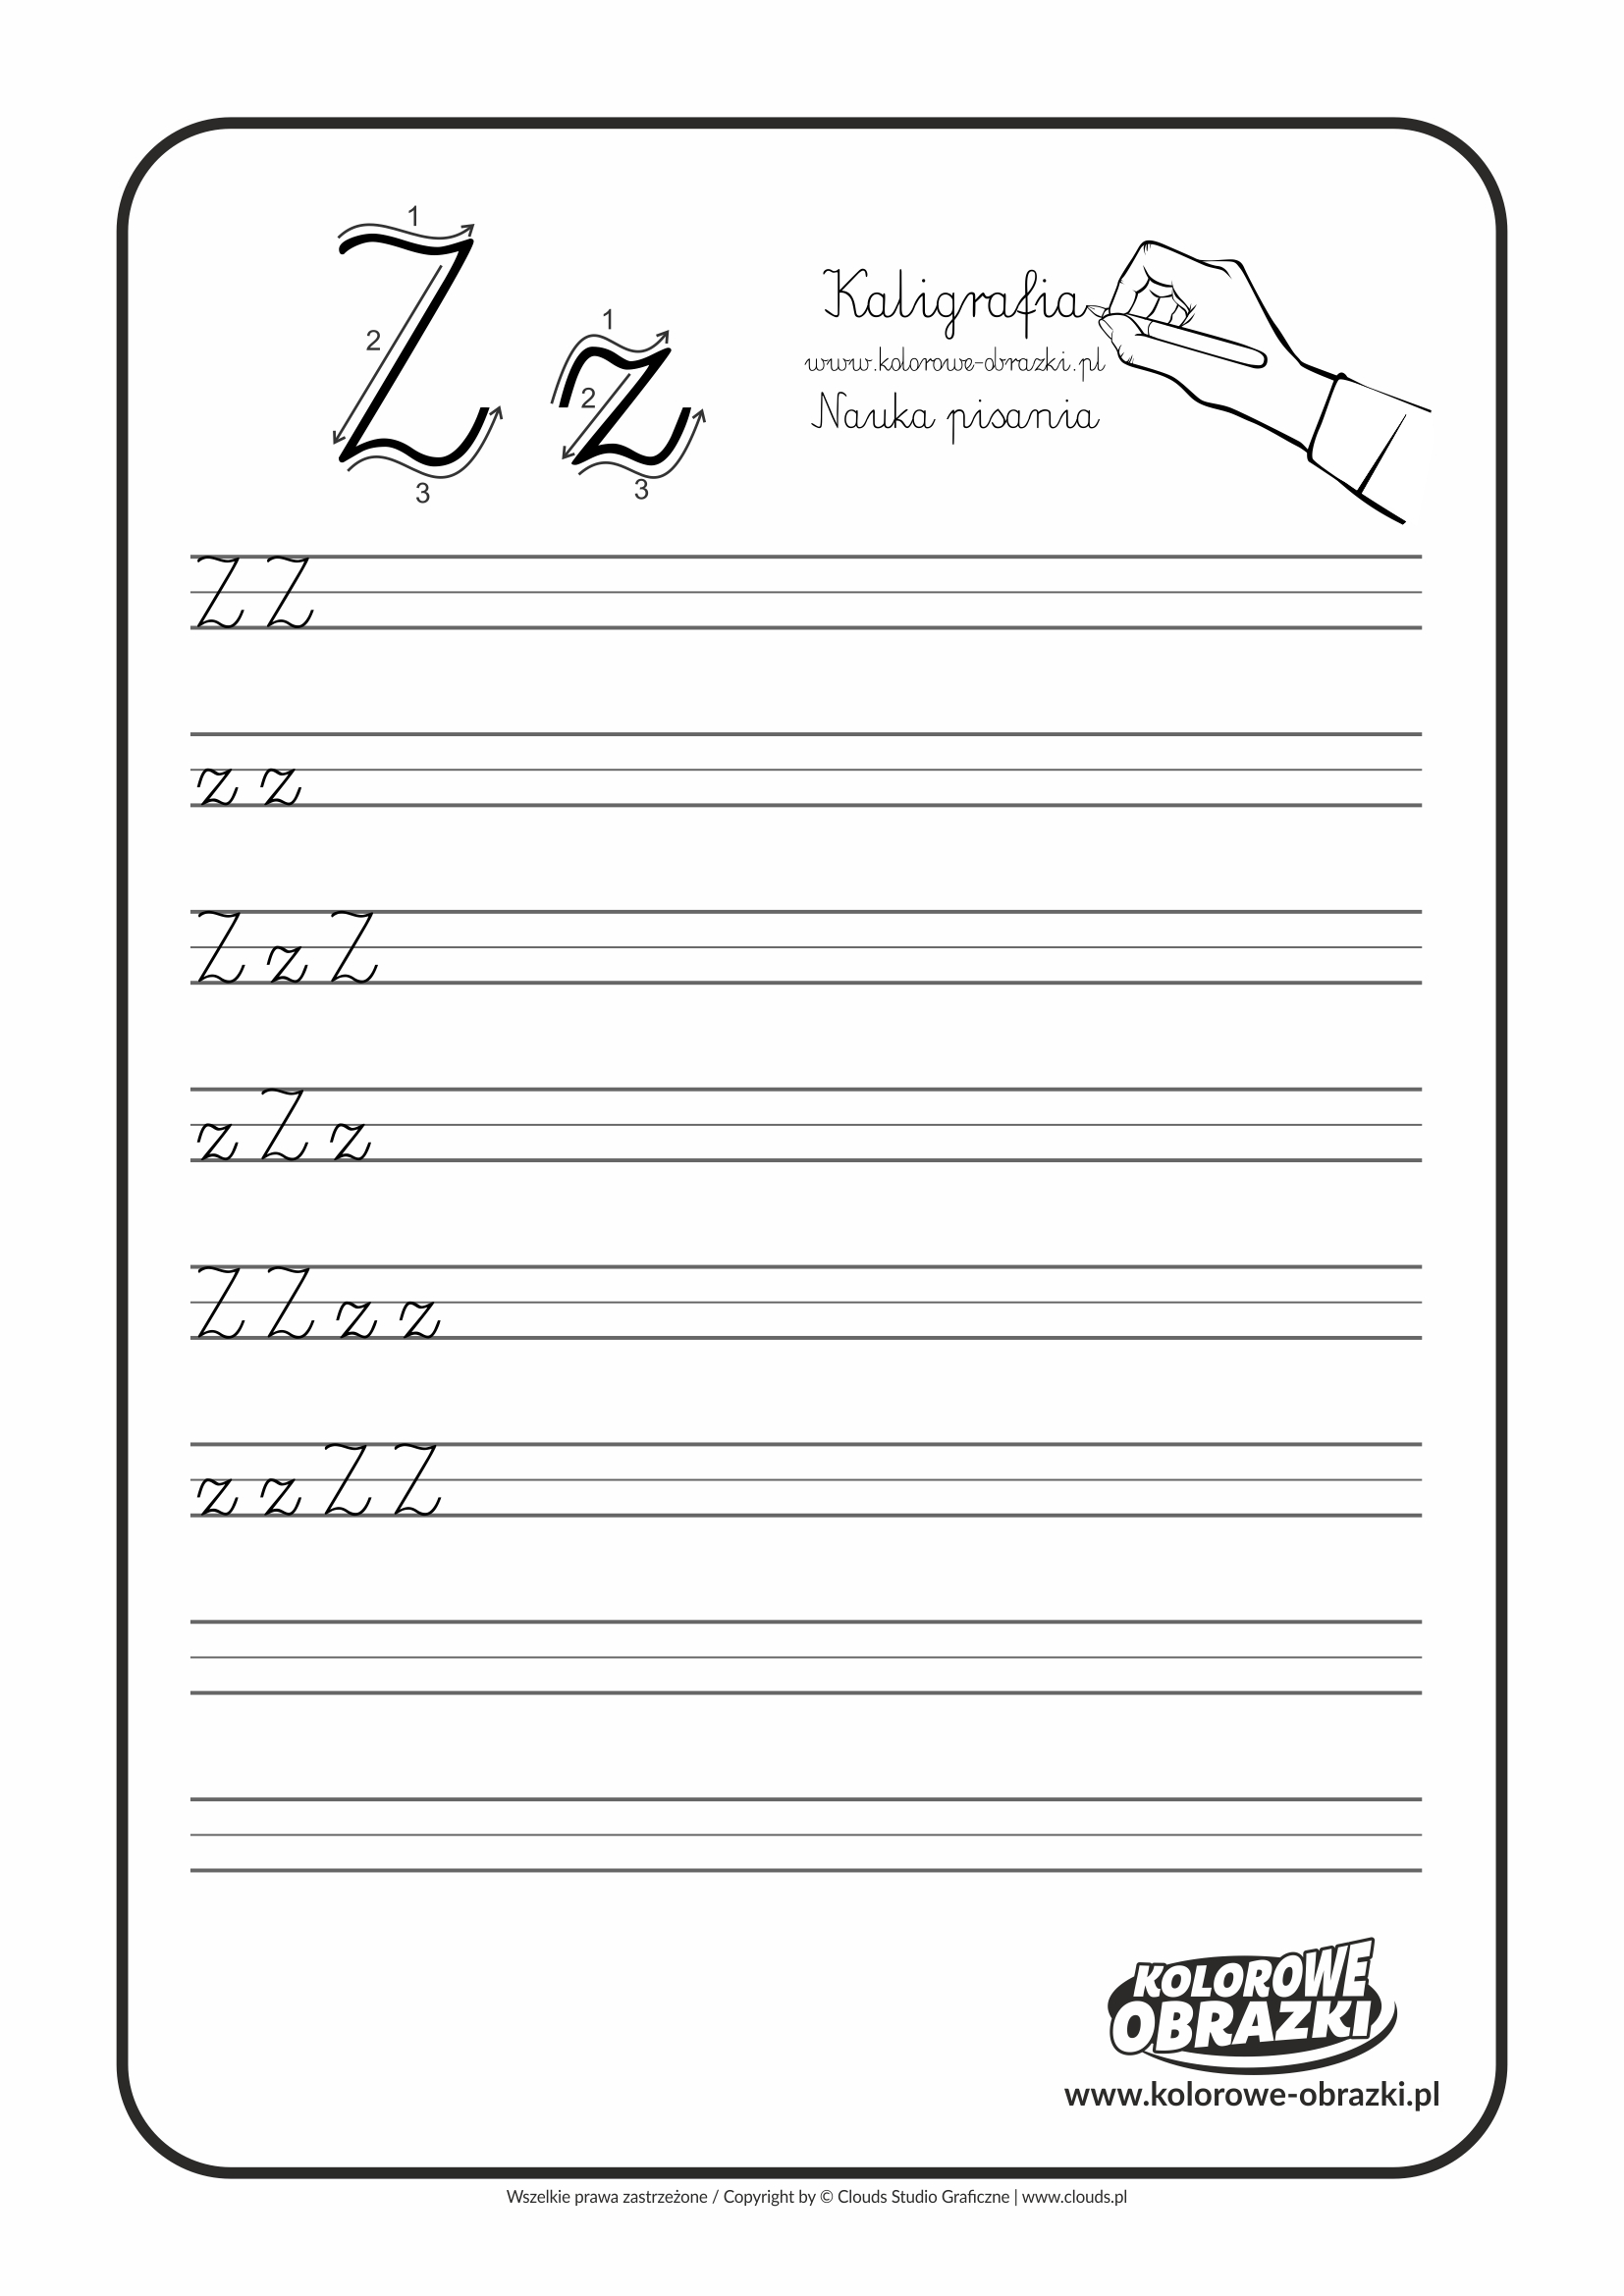 Kaligrafia dla dzieci - Ćwiczenia kaligraficzne / Litera Z. Nauka pisania litery Z